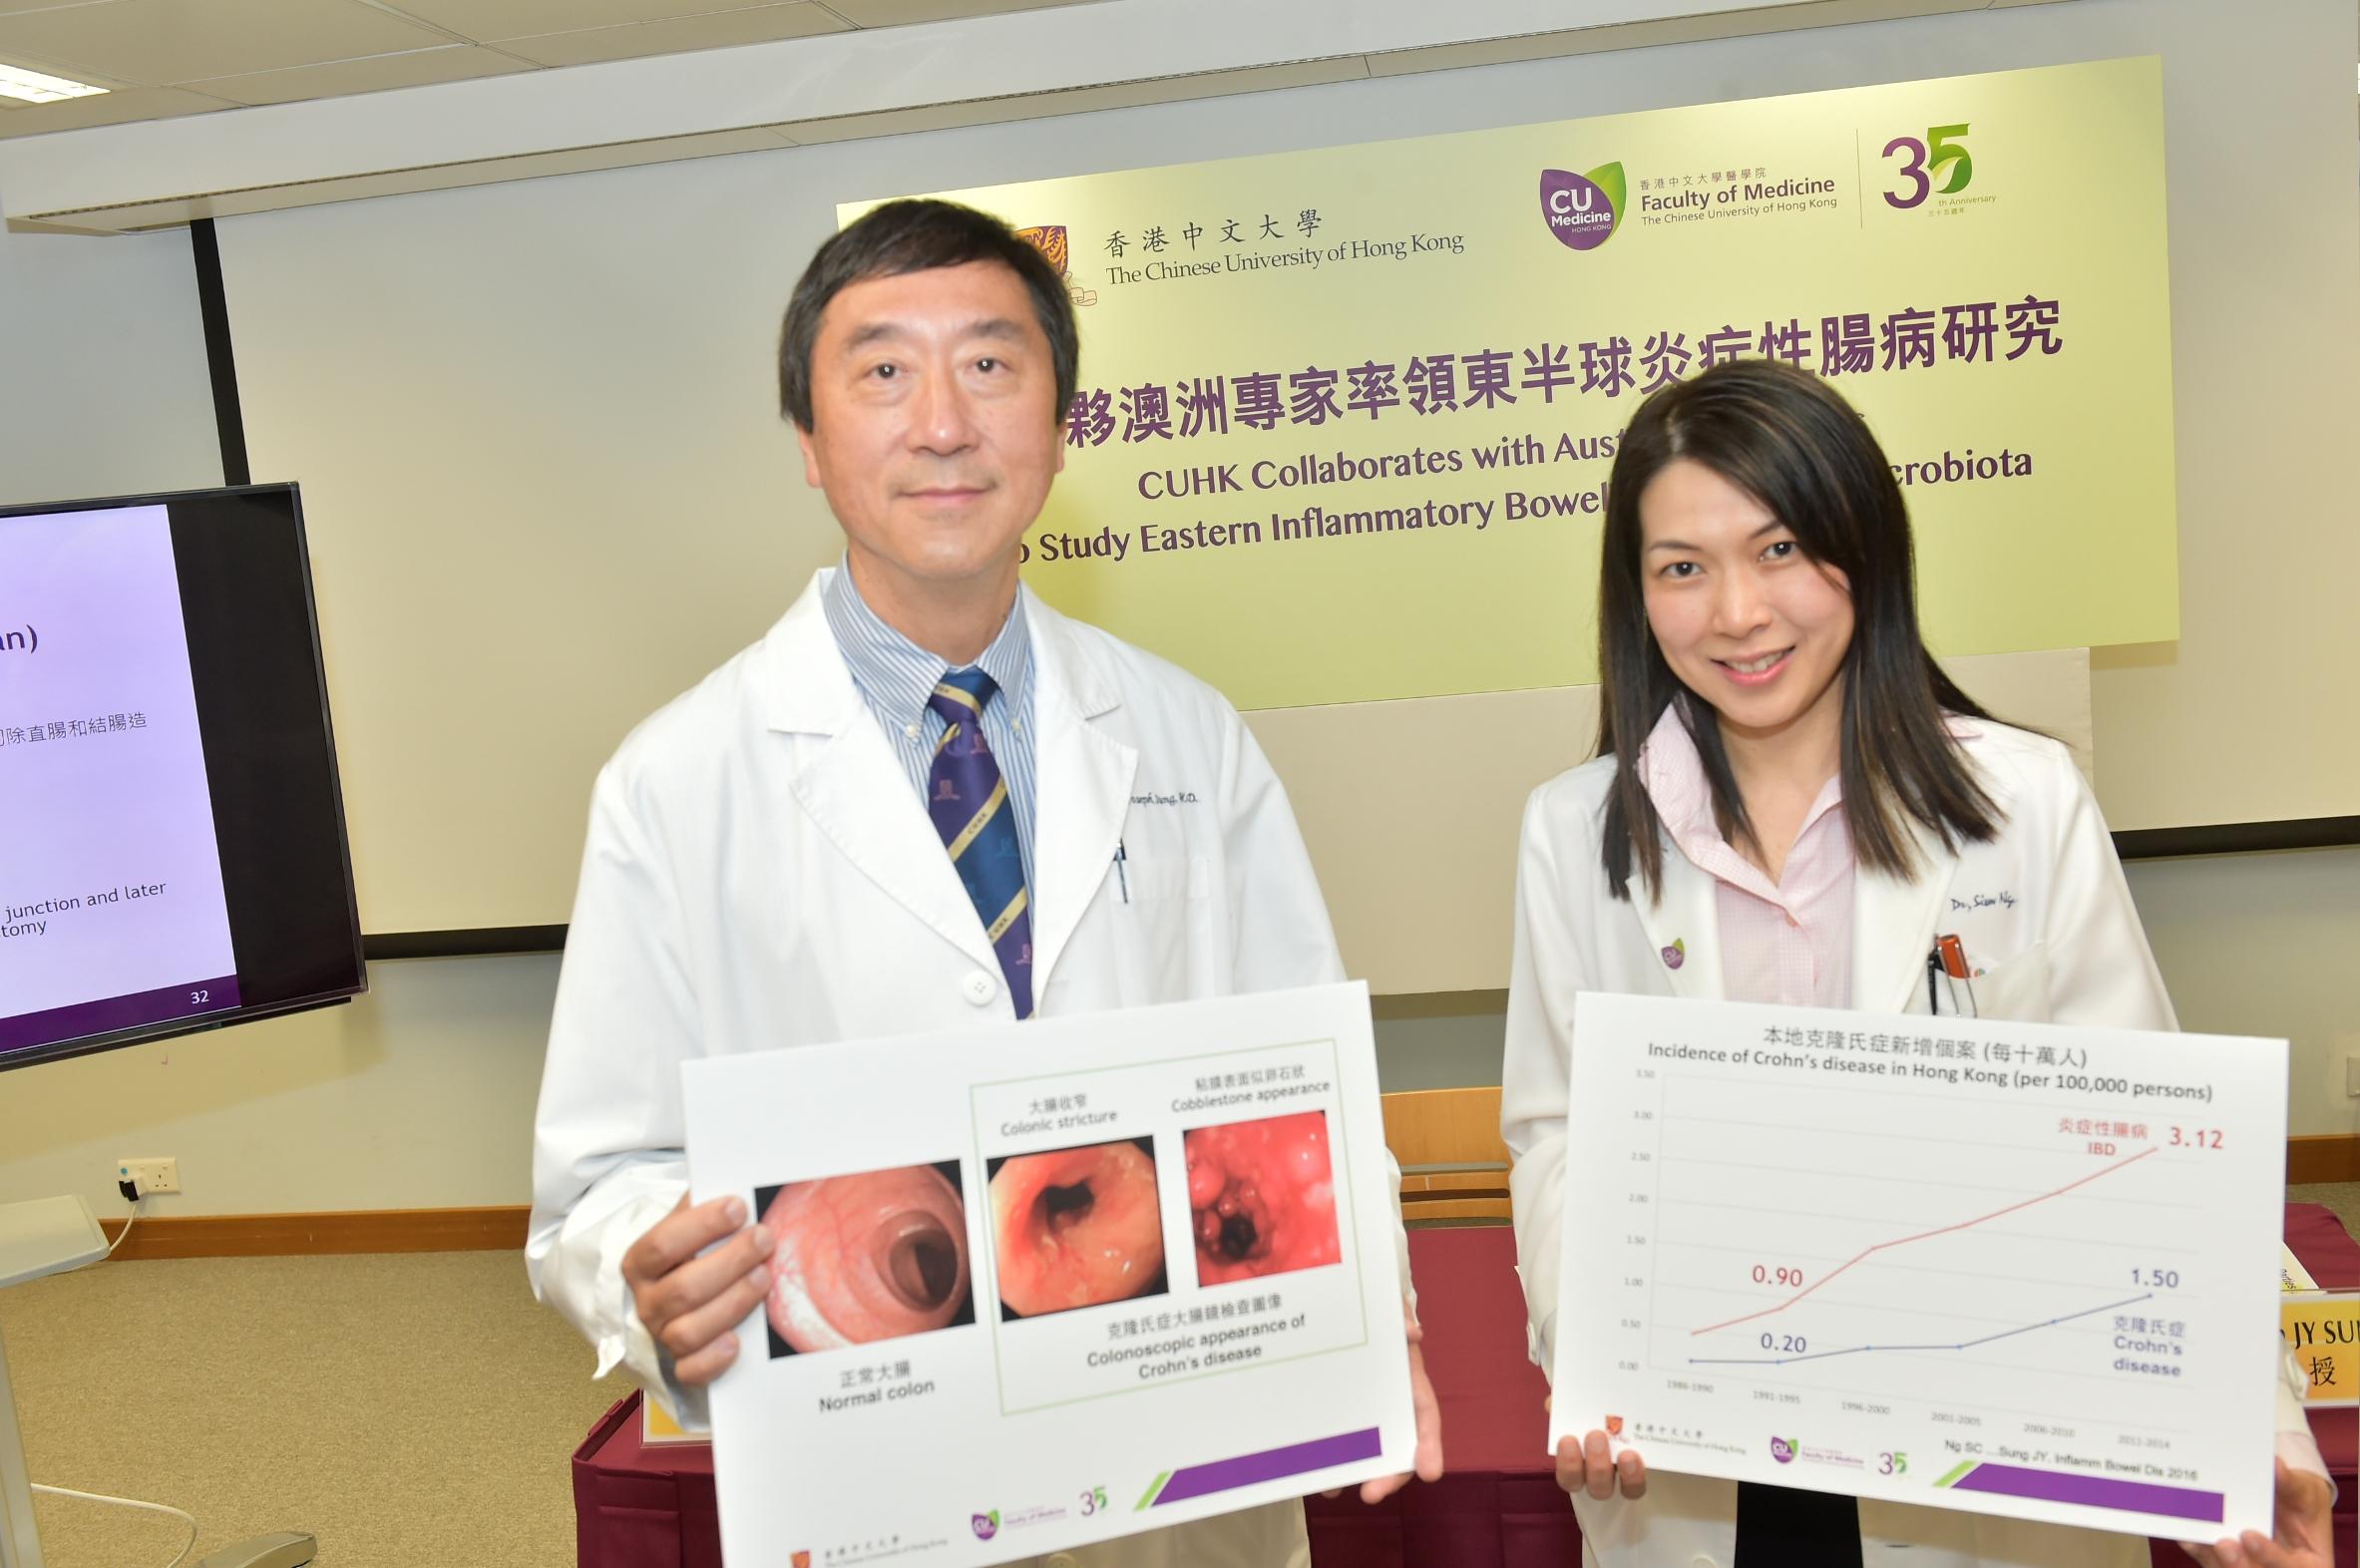 中大校長及莫慶堯醫學講座教授沈祖堯教授(左)及內科及藥物治療學系黃秀娟教授介紹ENIGMA研究,旨在找出克隆氏症與患者的腸道微生物群及飲食習慣之間的關連。